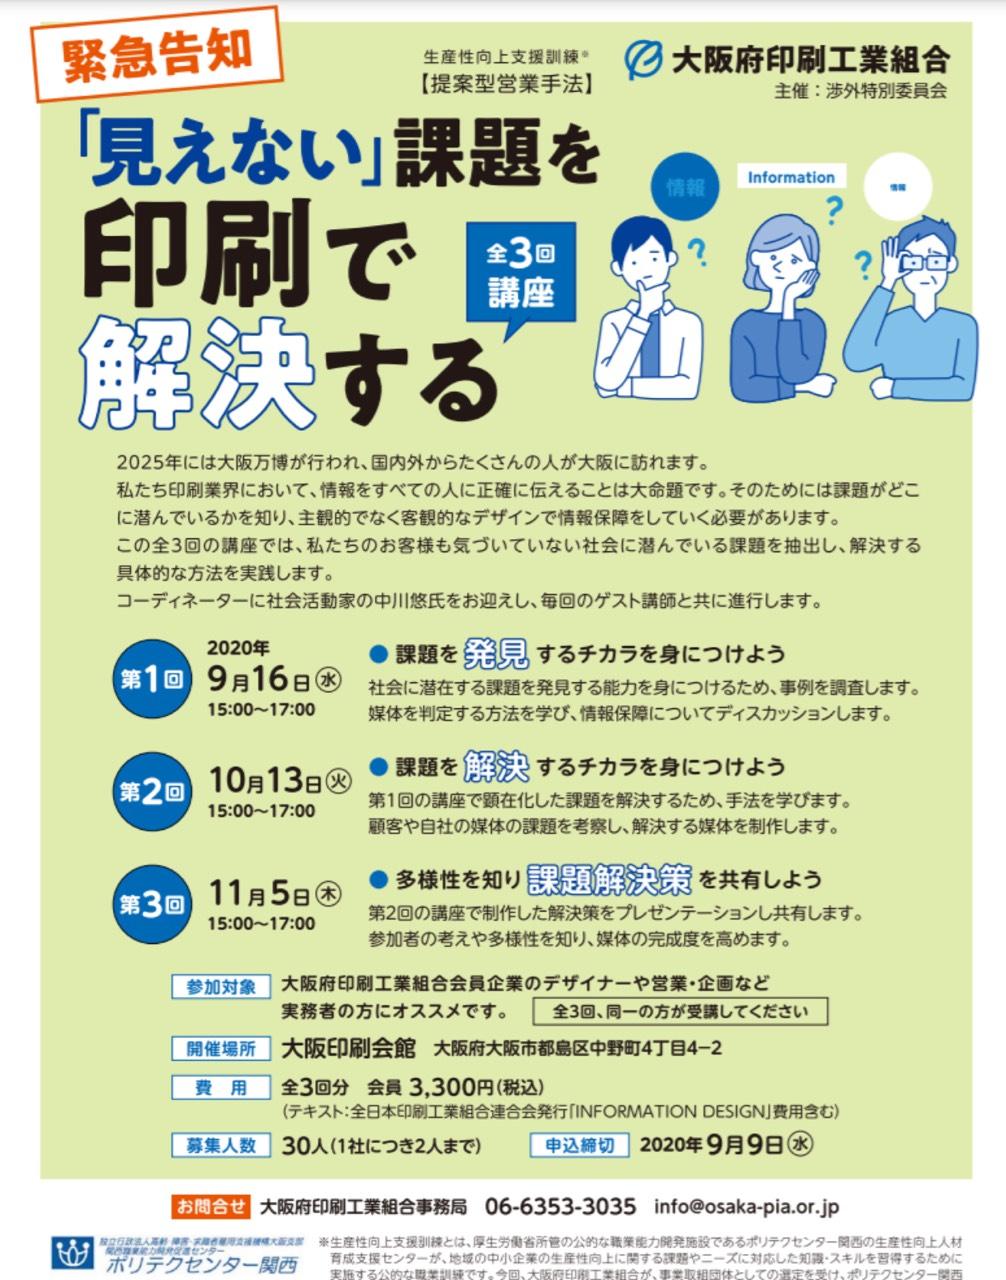 大阪府印刷工業組合「MUDワークショップ」終了